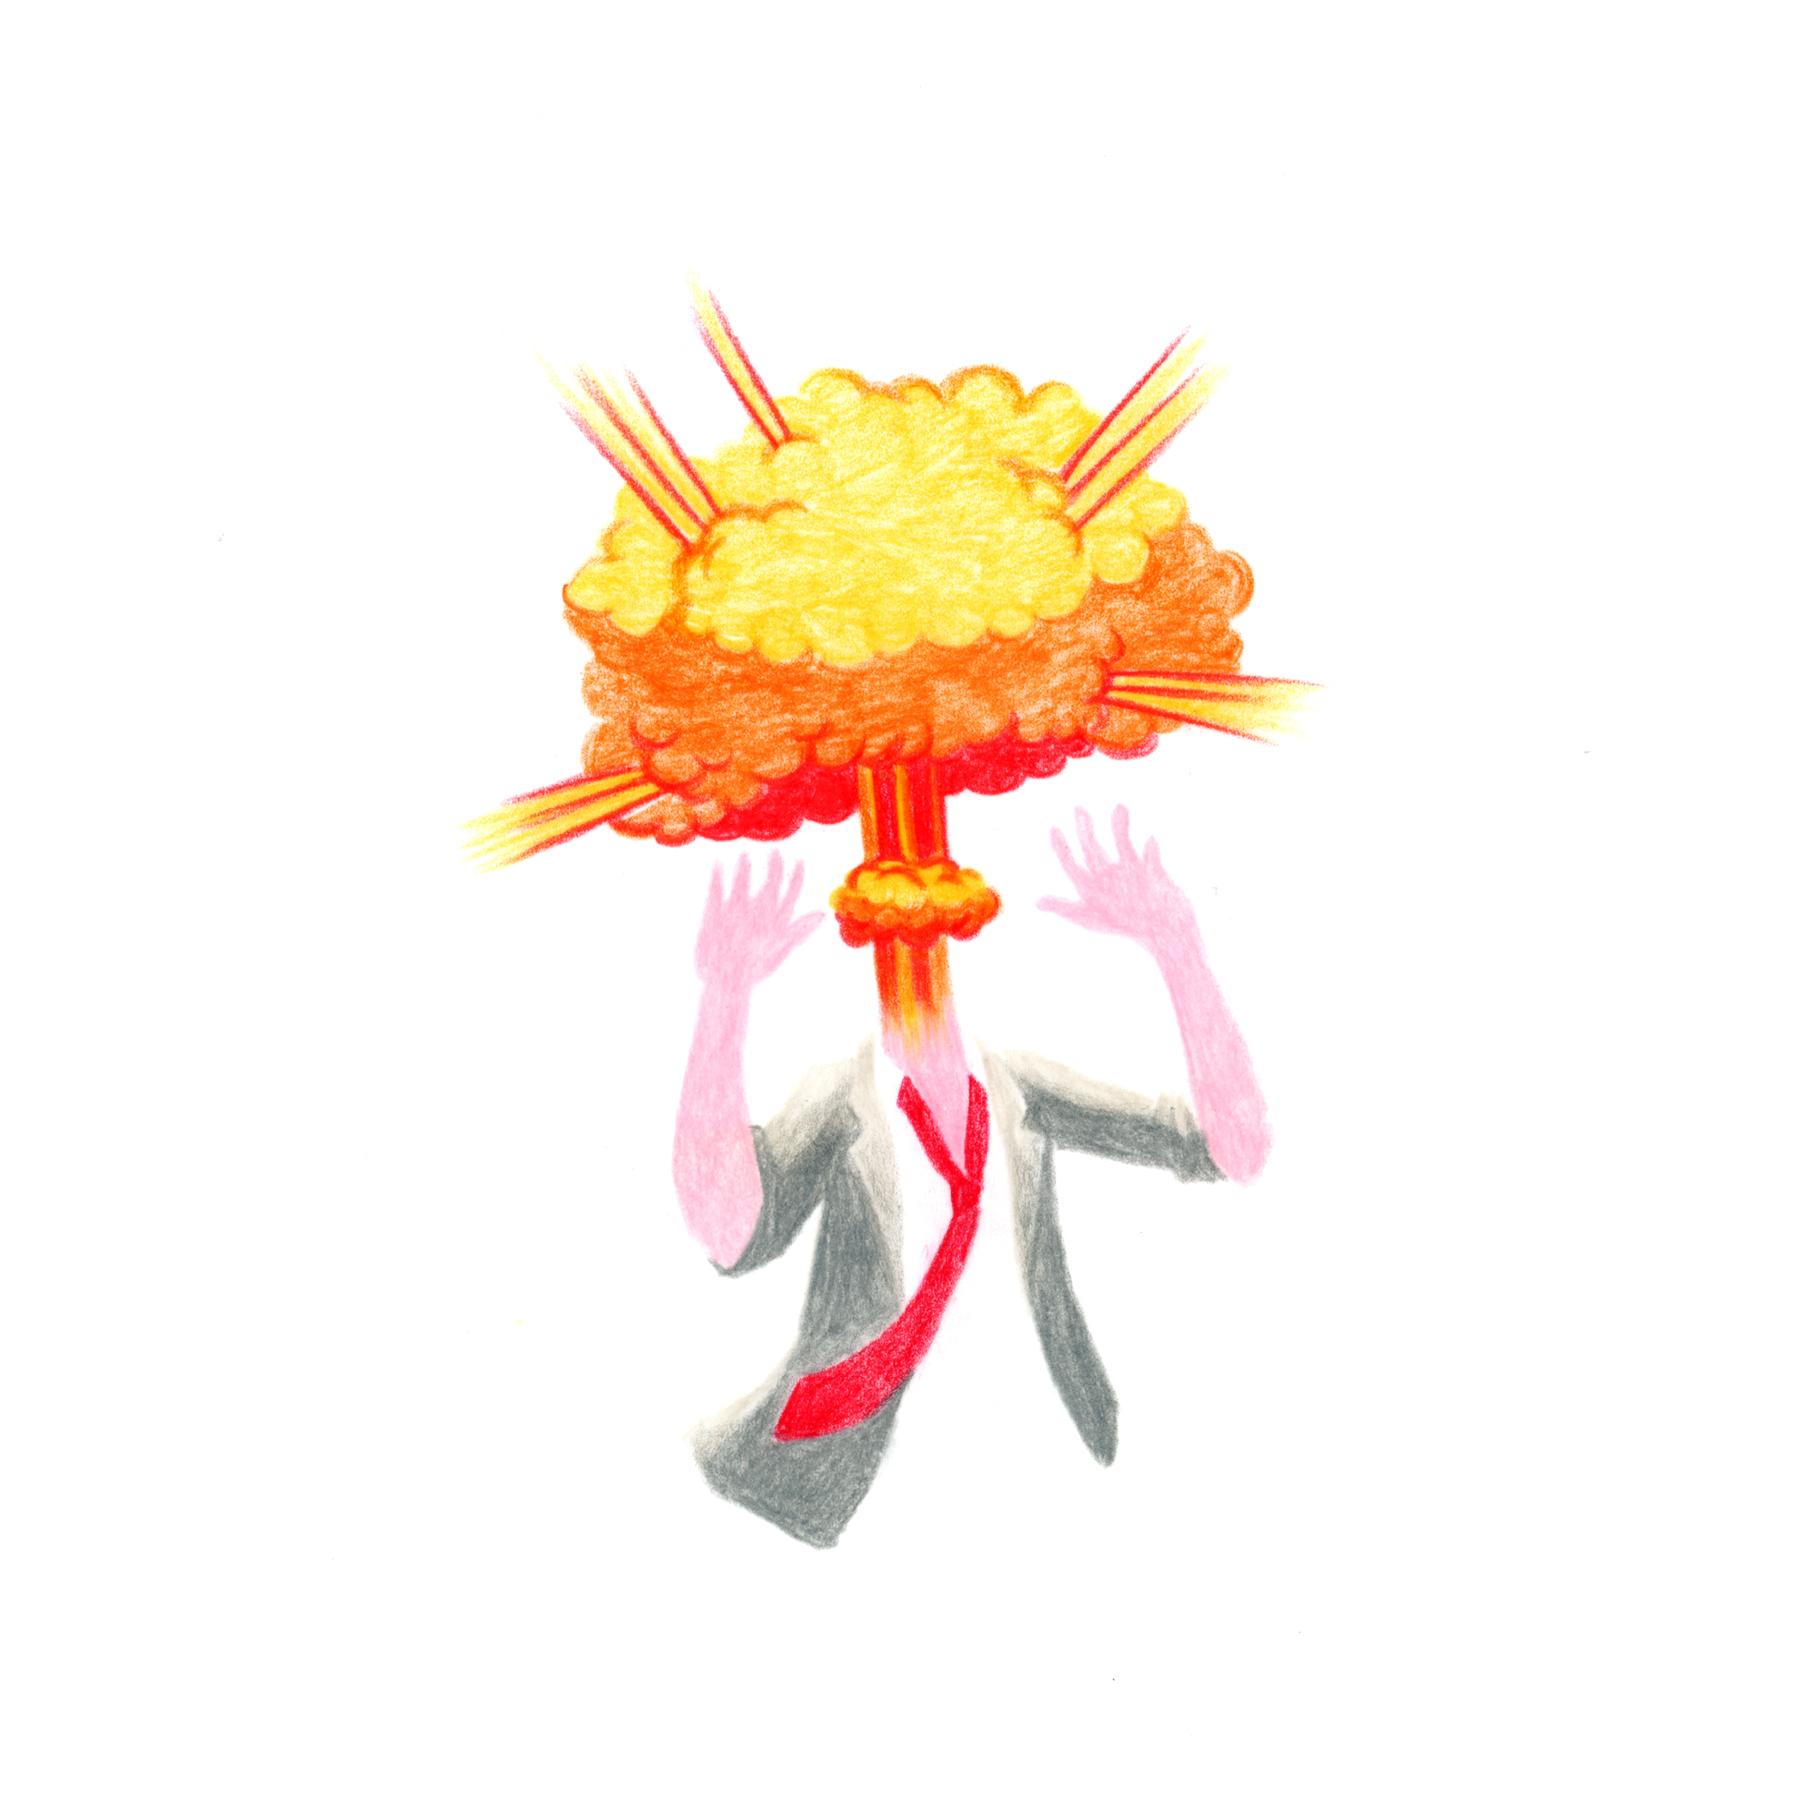 Editorial Illustration about having a lot of ideas / Editorial Illustration über Ideen im Kopf haben; man sieht einen Mann im Anzug der eine Explosion statt den Kopf hat.